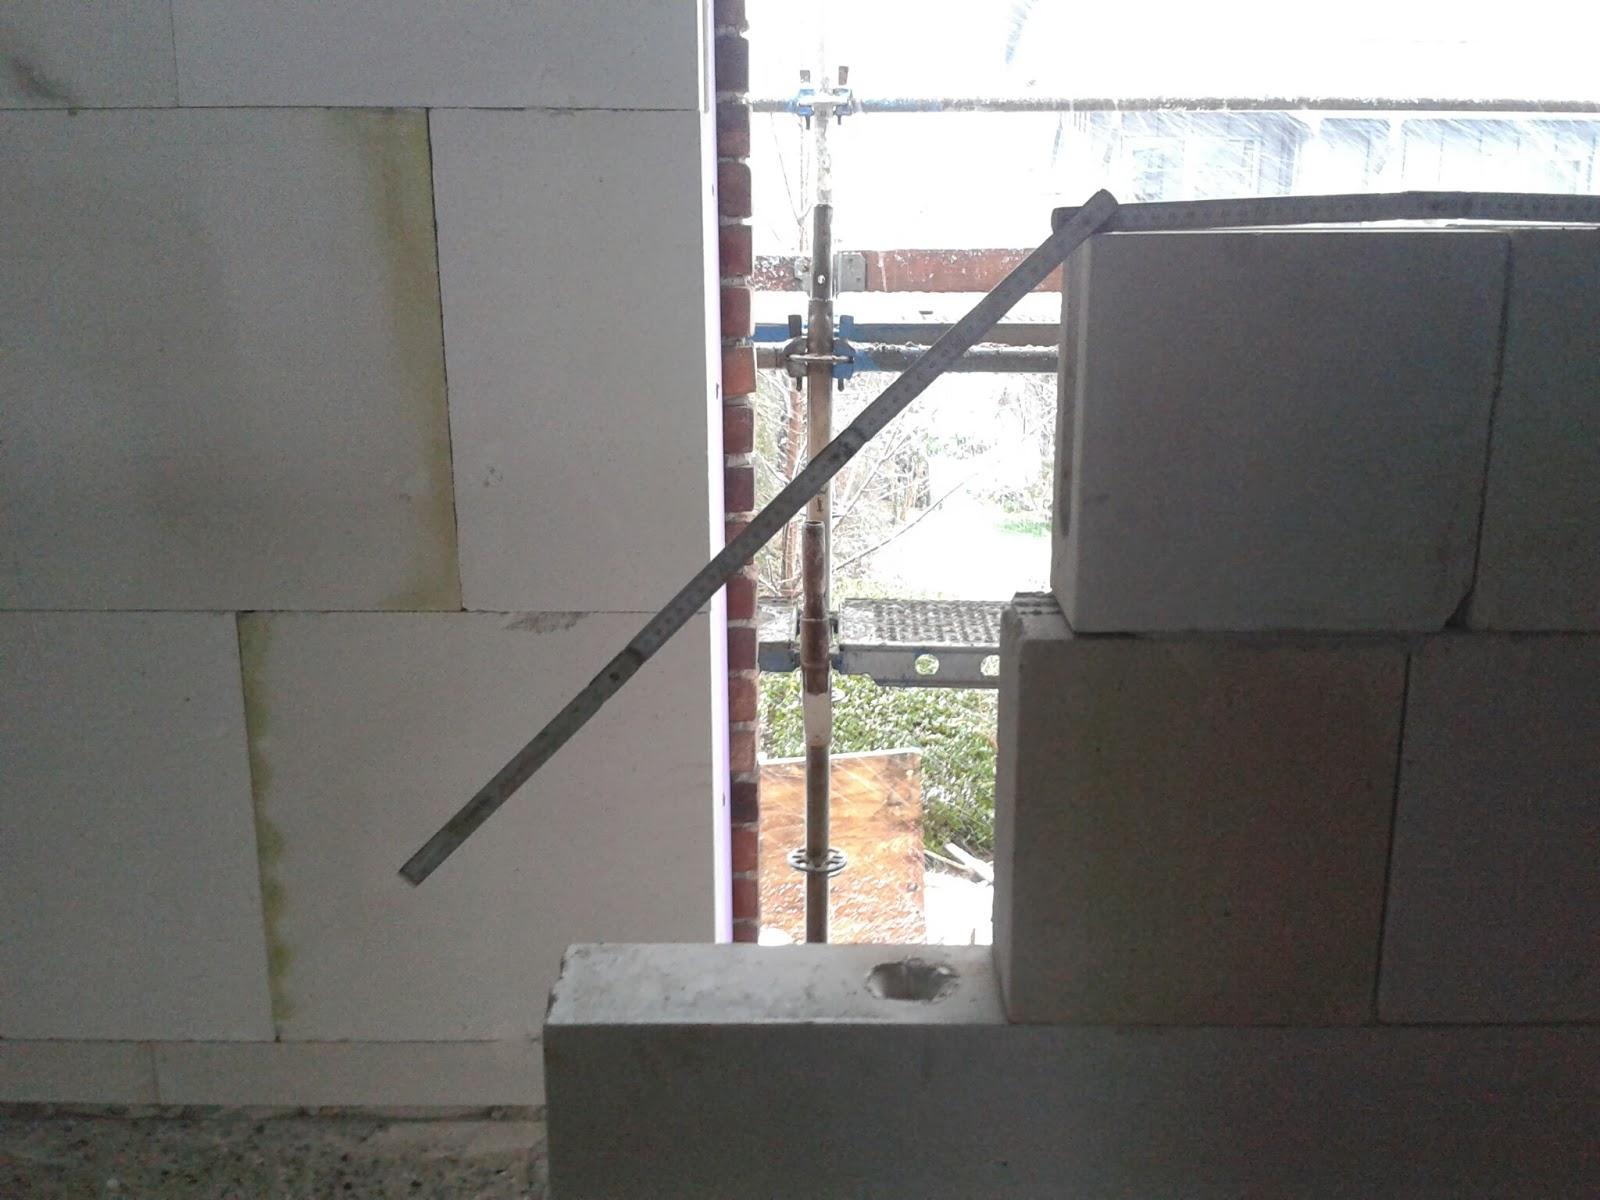 Unser abenteuer hausbau 2013 2014 nach dem orkan und for 94 gegenstand im badezimmer